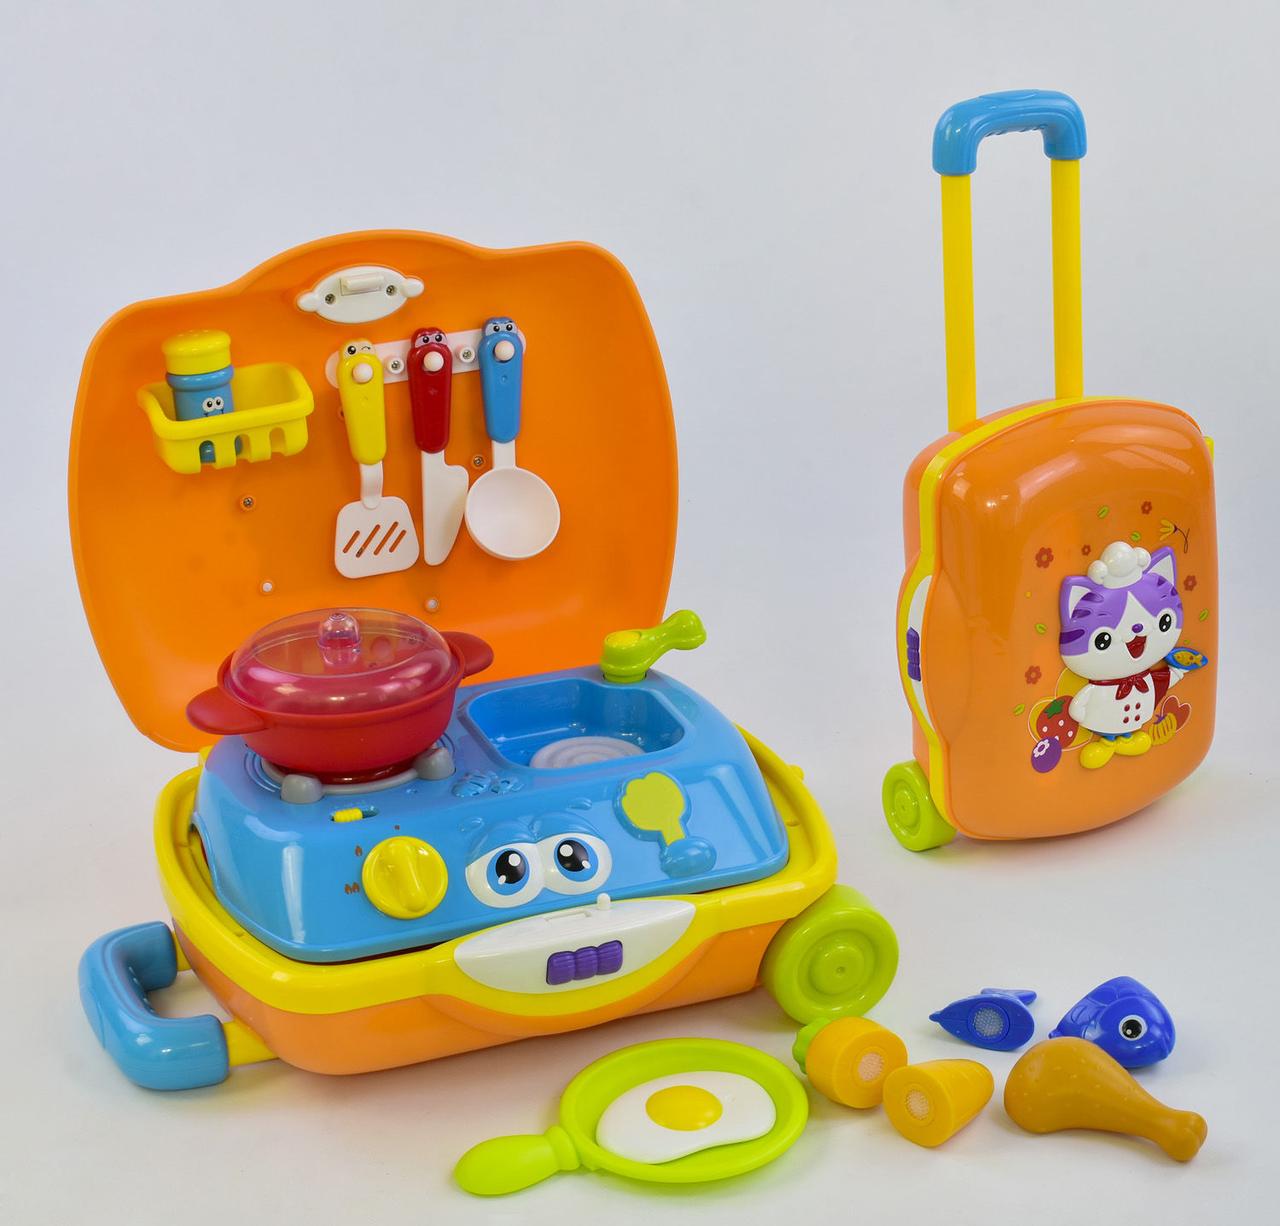 Игровой набор Кухня в чемодане 3108, звук, подсветка